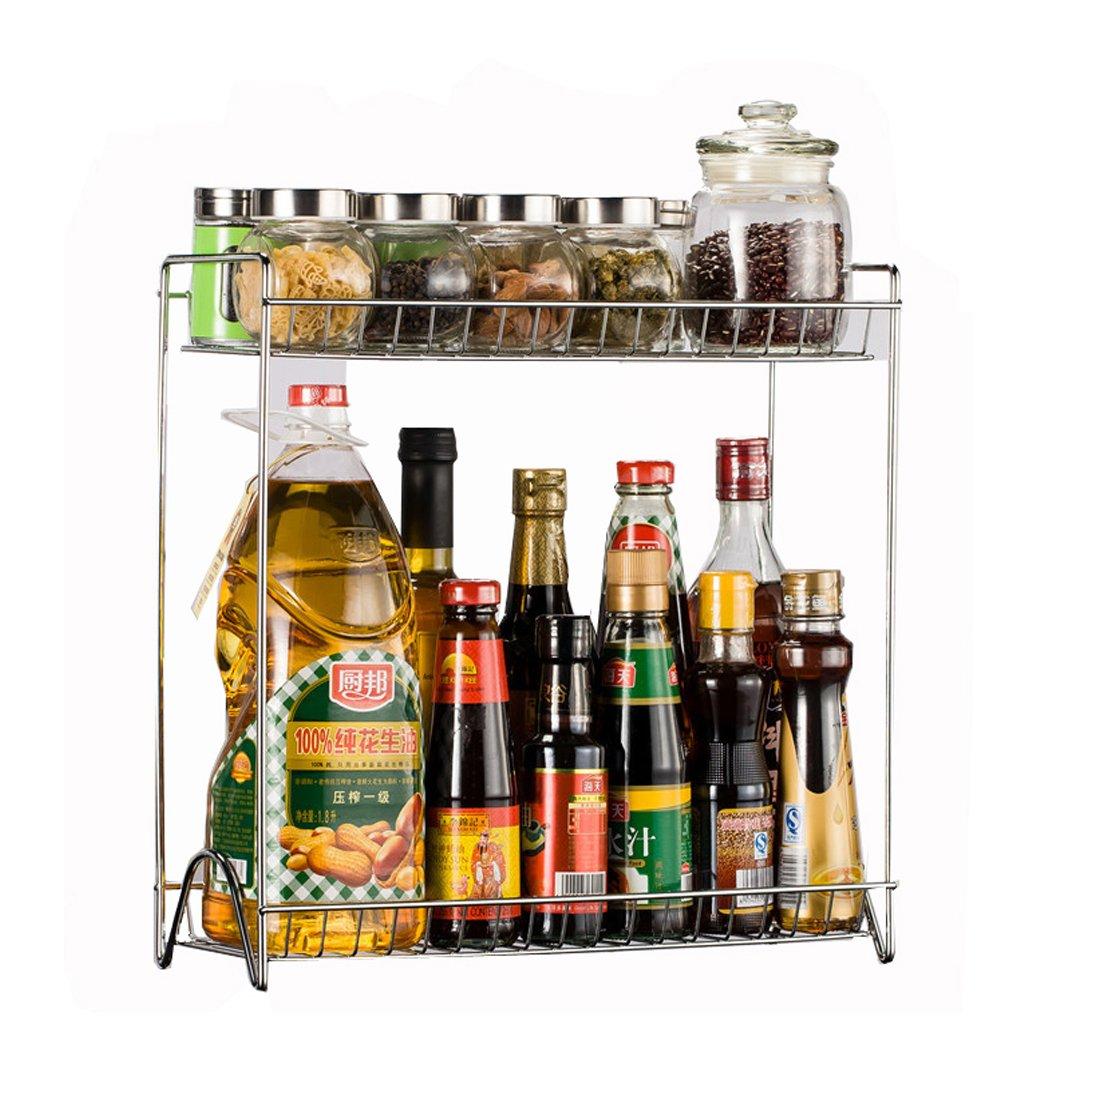 Vicoki, rastrelliera organizer con due ripiani in acciaio inox, staccabile, per condimenti in lattina, bottiglia, da usare nella cucina di casa o ristorante, colore: argento